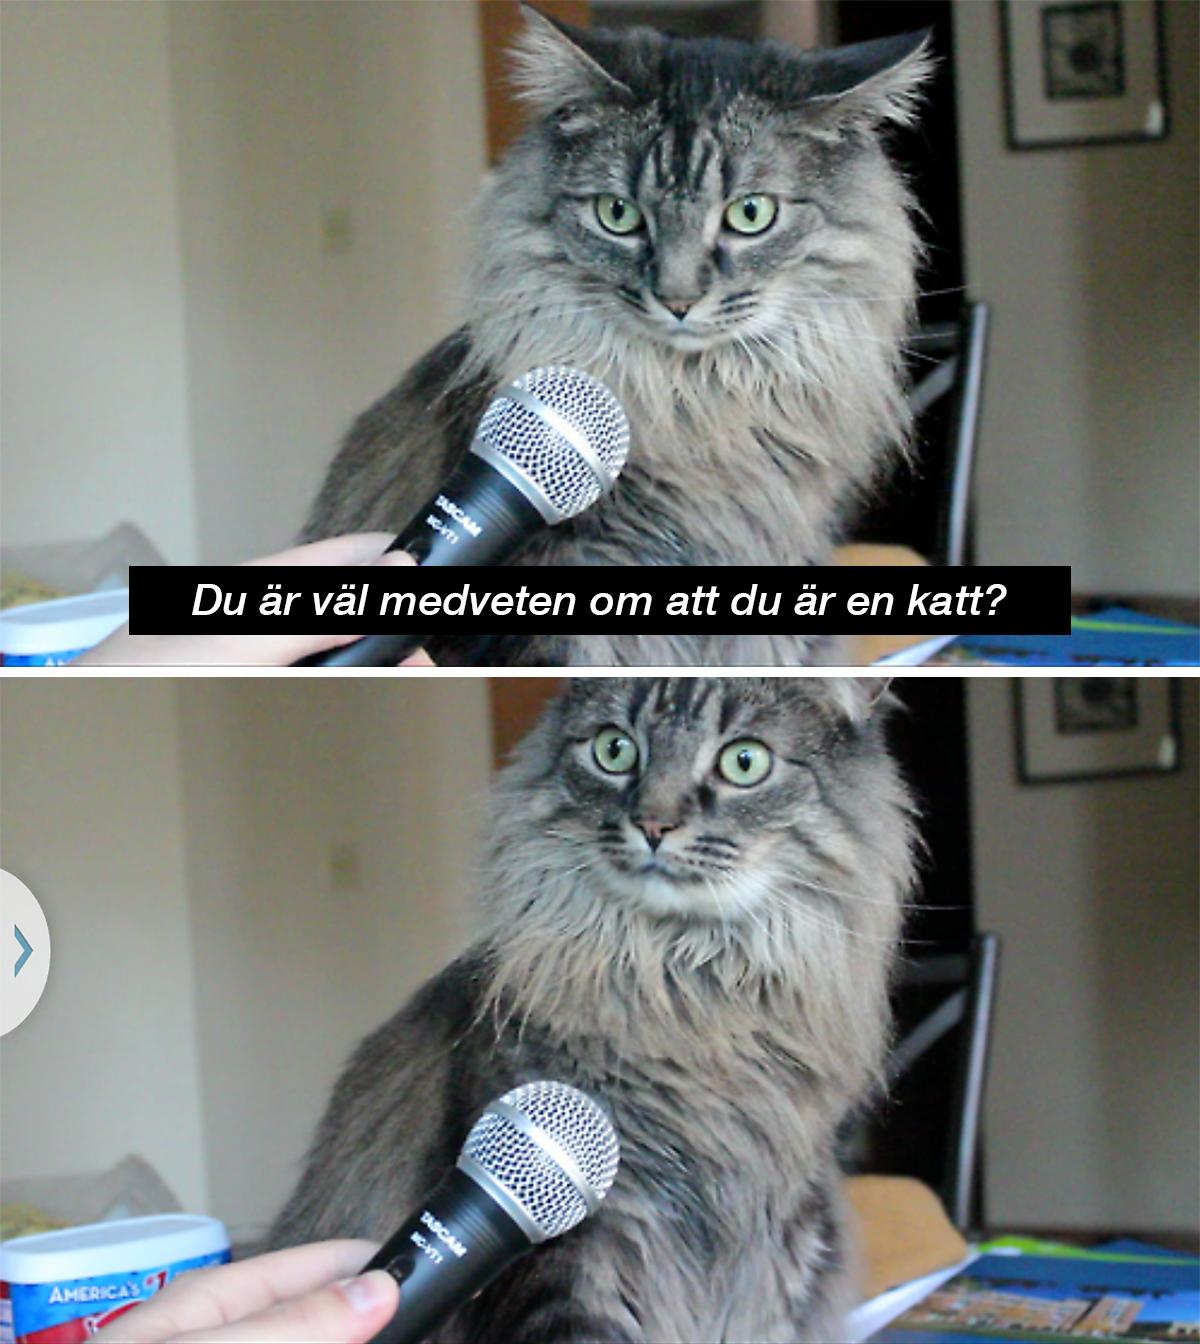 Katt blir intervjuad - Du är väl medveten om att du är en katt?